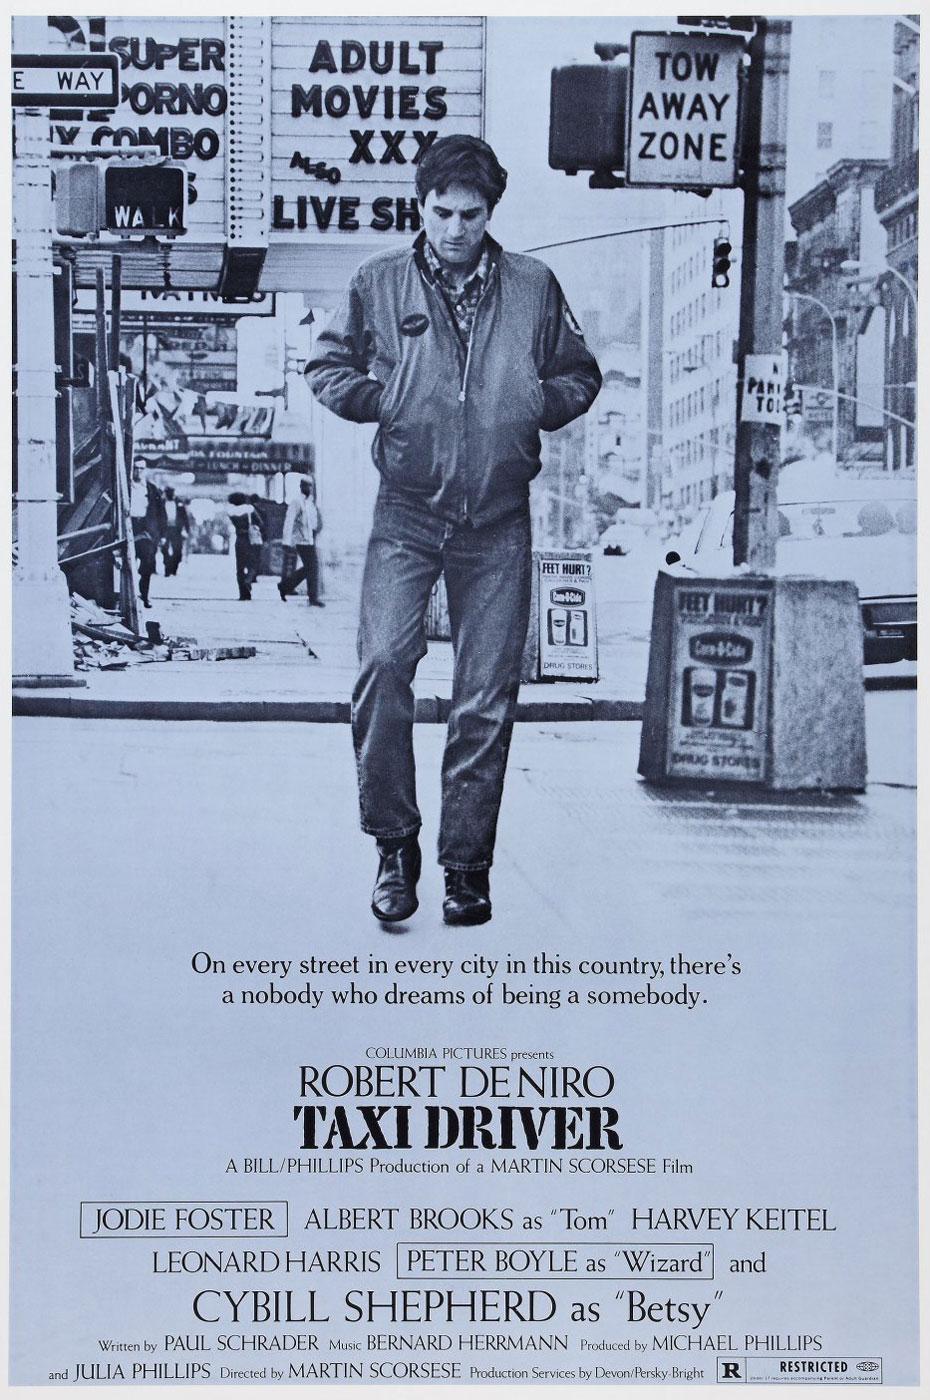 Película - Taxi Driver - Martin Scorsese (1976)